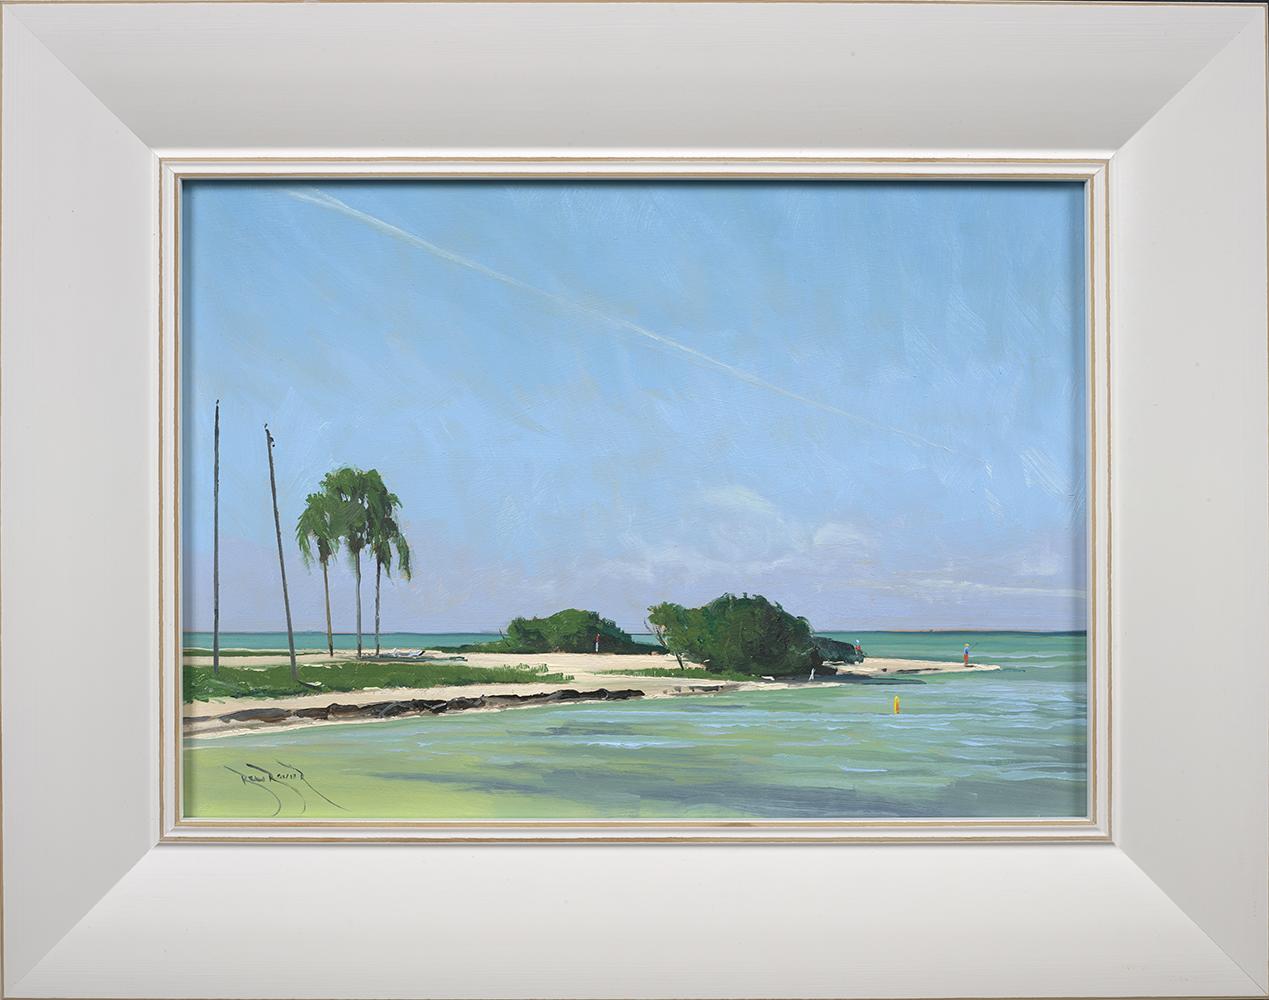 ben_bauer_bb1104_sombrero_beach_framed.jpg